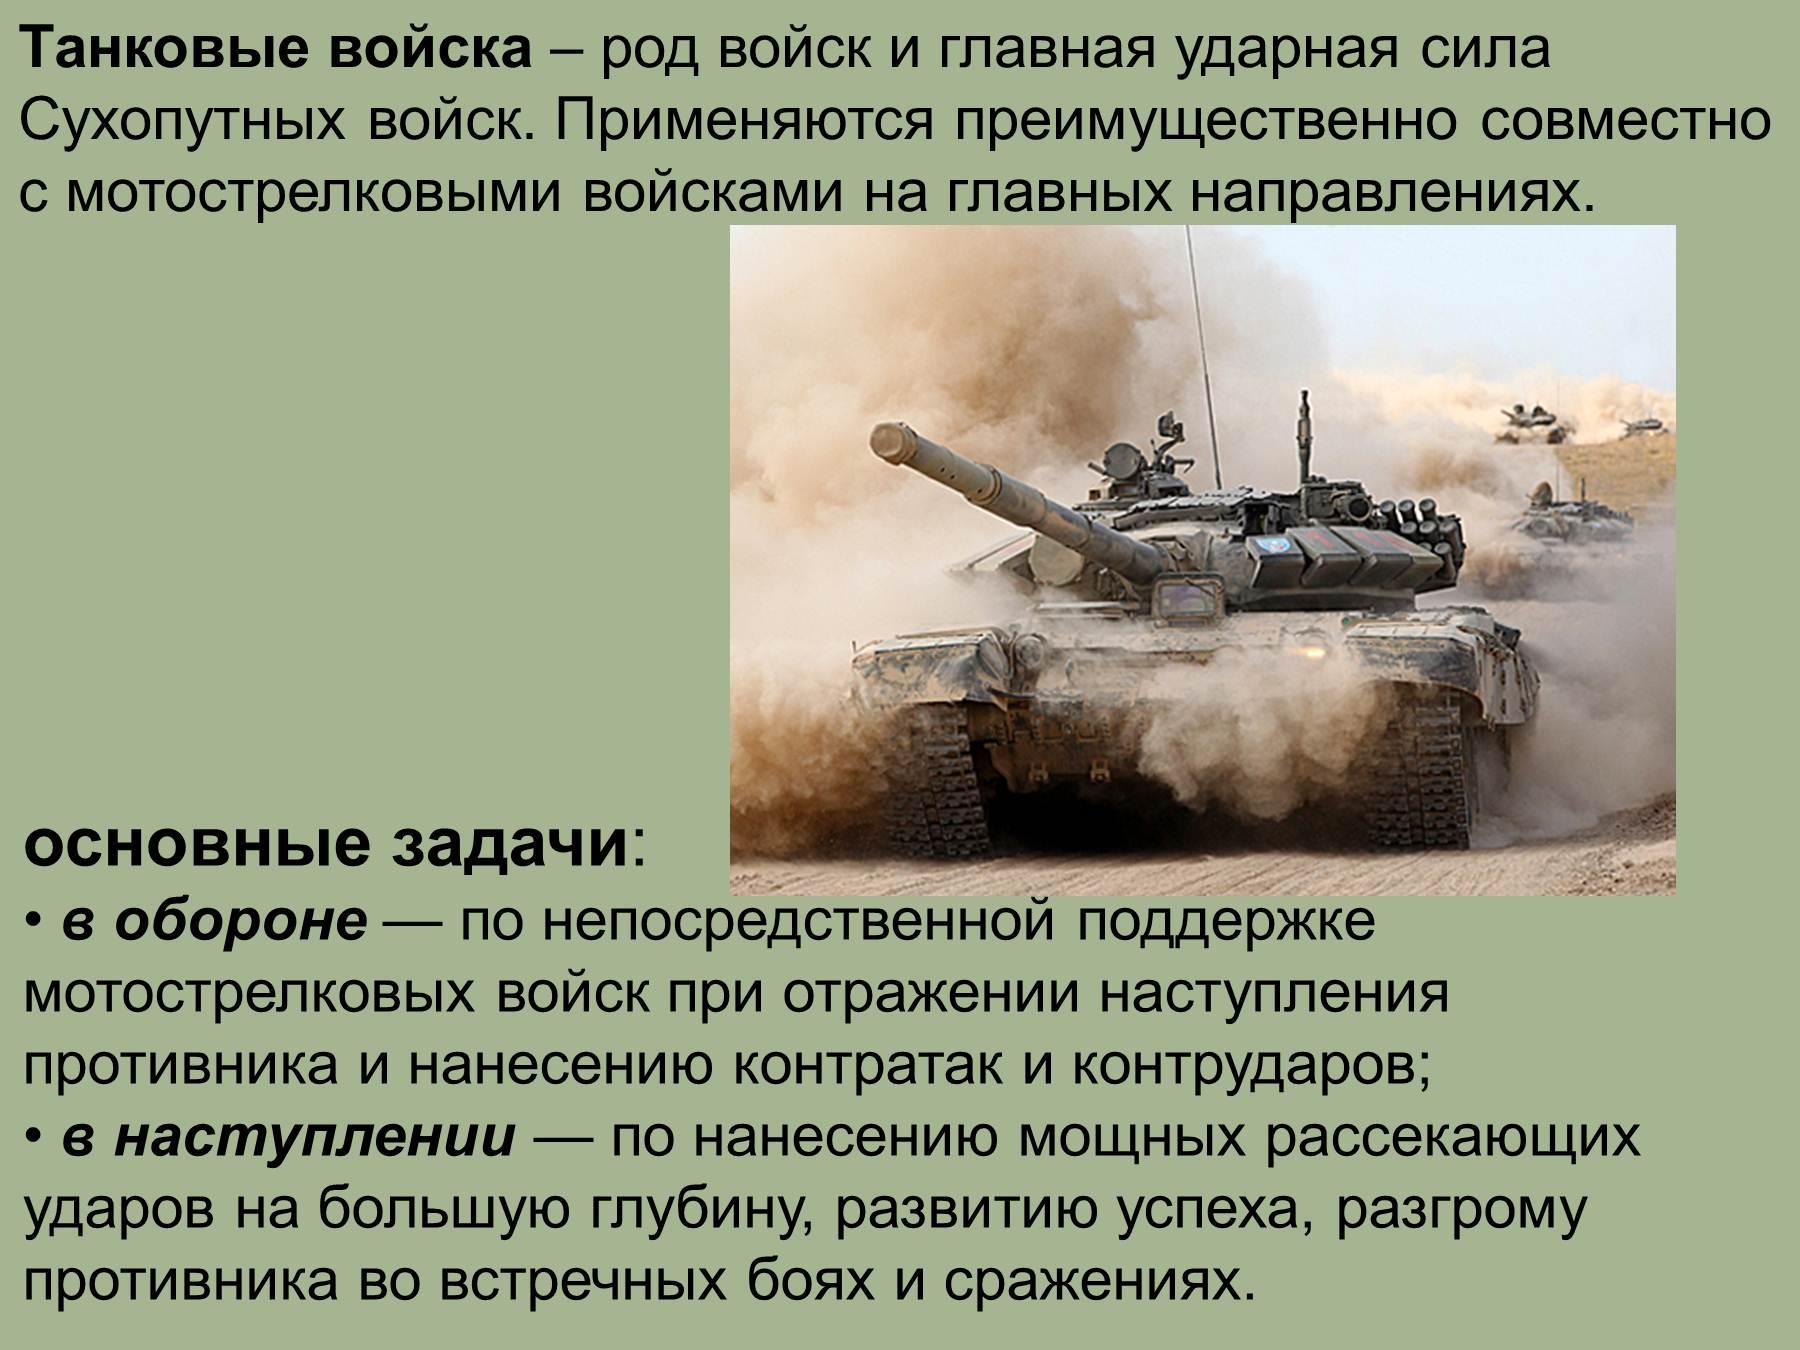 влагалища рвутся каково предназначение танковых войск отодрать соседку подъезду?